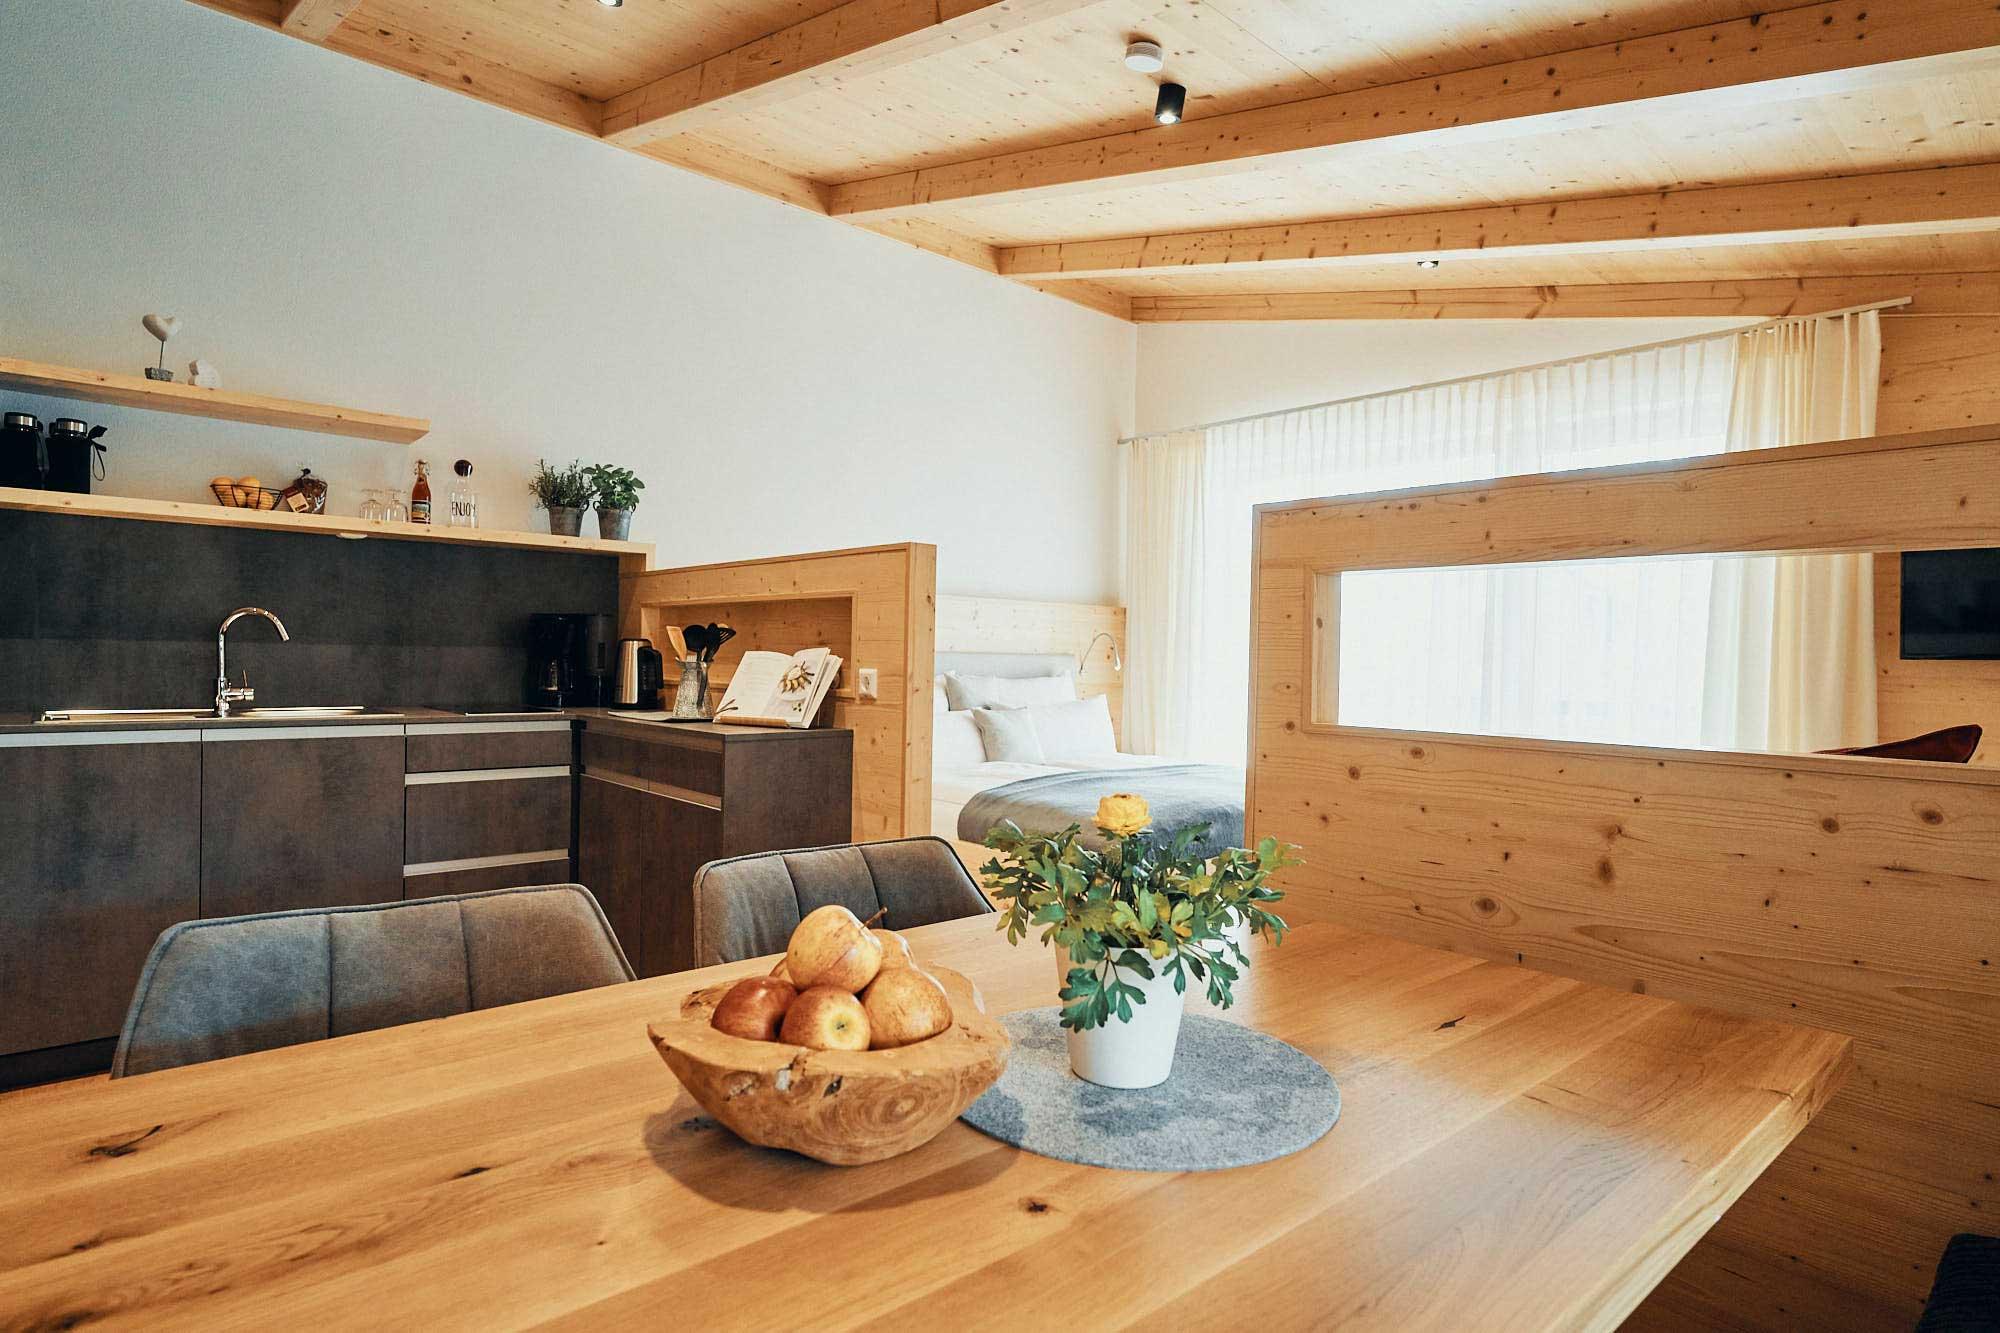 ECHTZEIT Ferien Apartment - Herzenswunsch - Wohnbereich, Esstisch, Küchenzeile